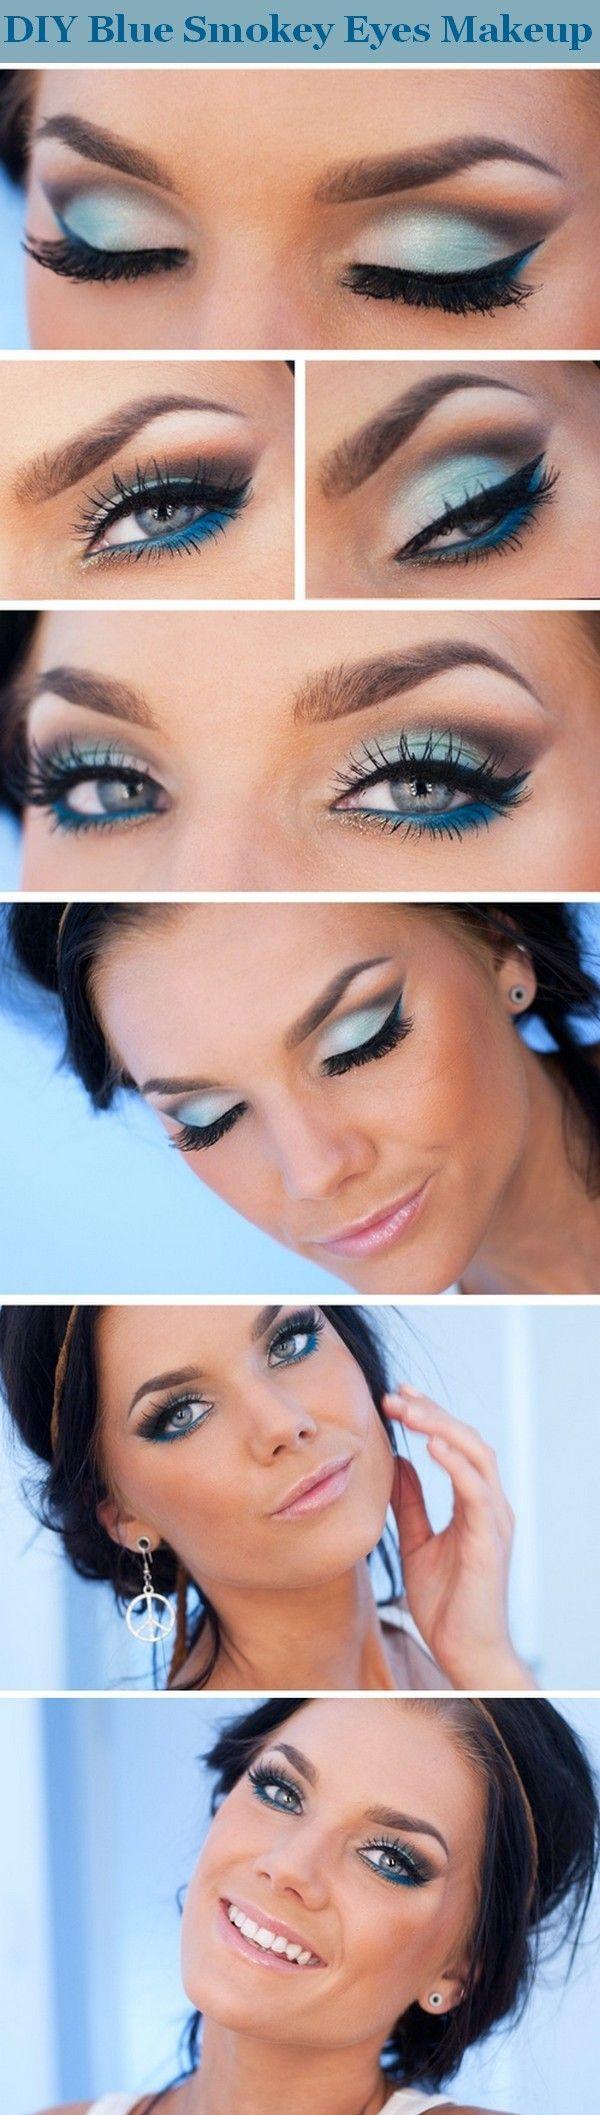 Blue smokey eyes.